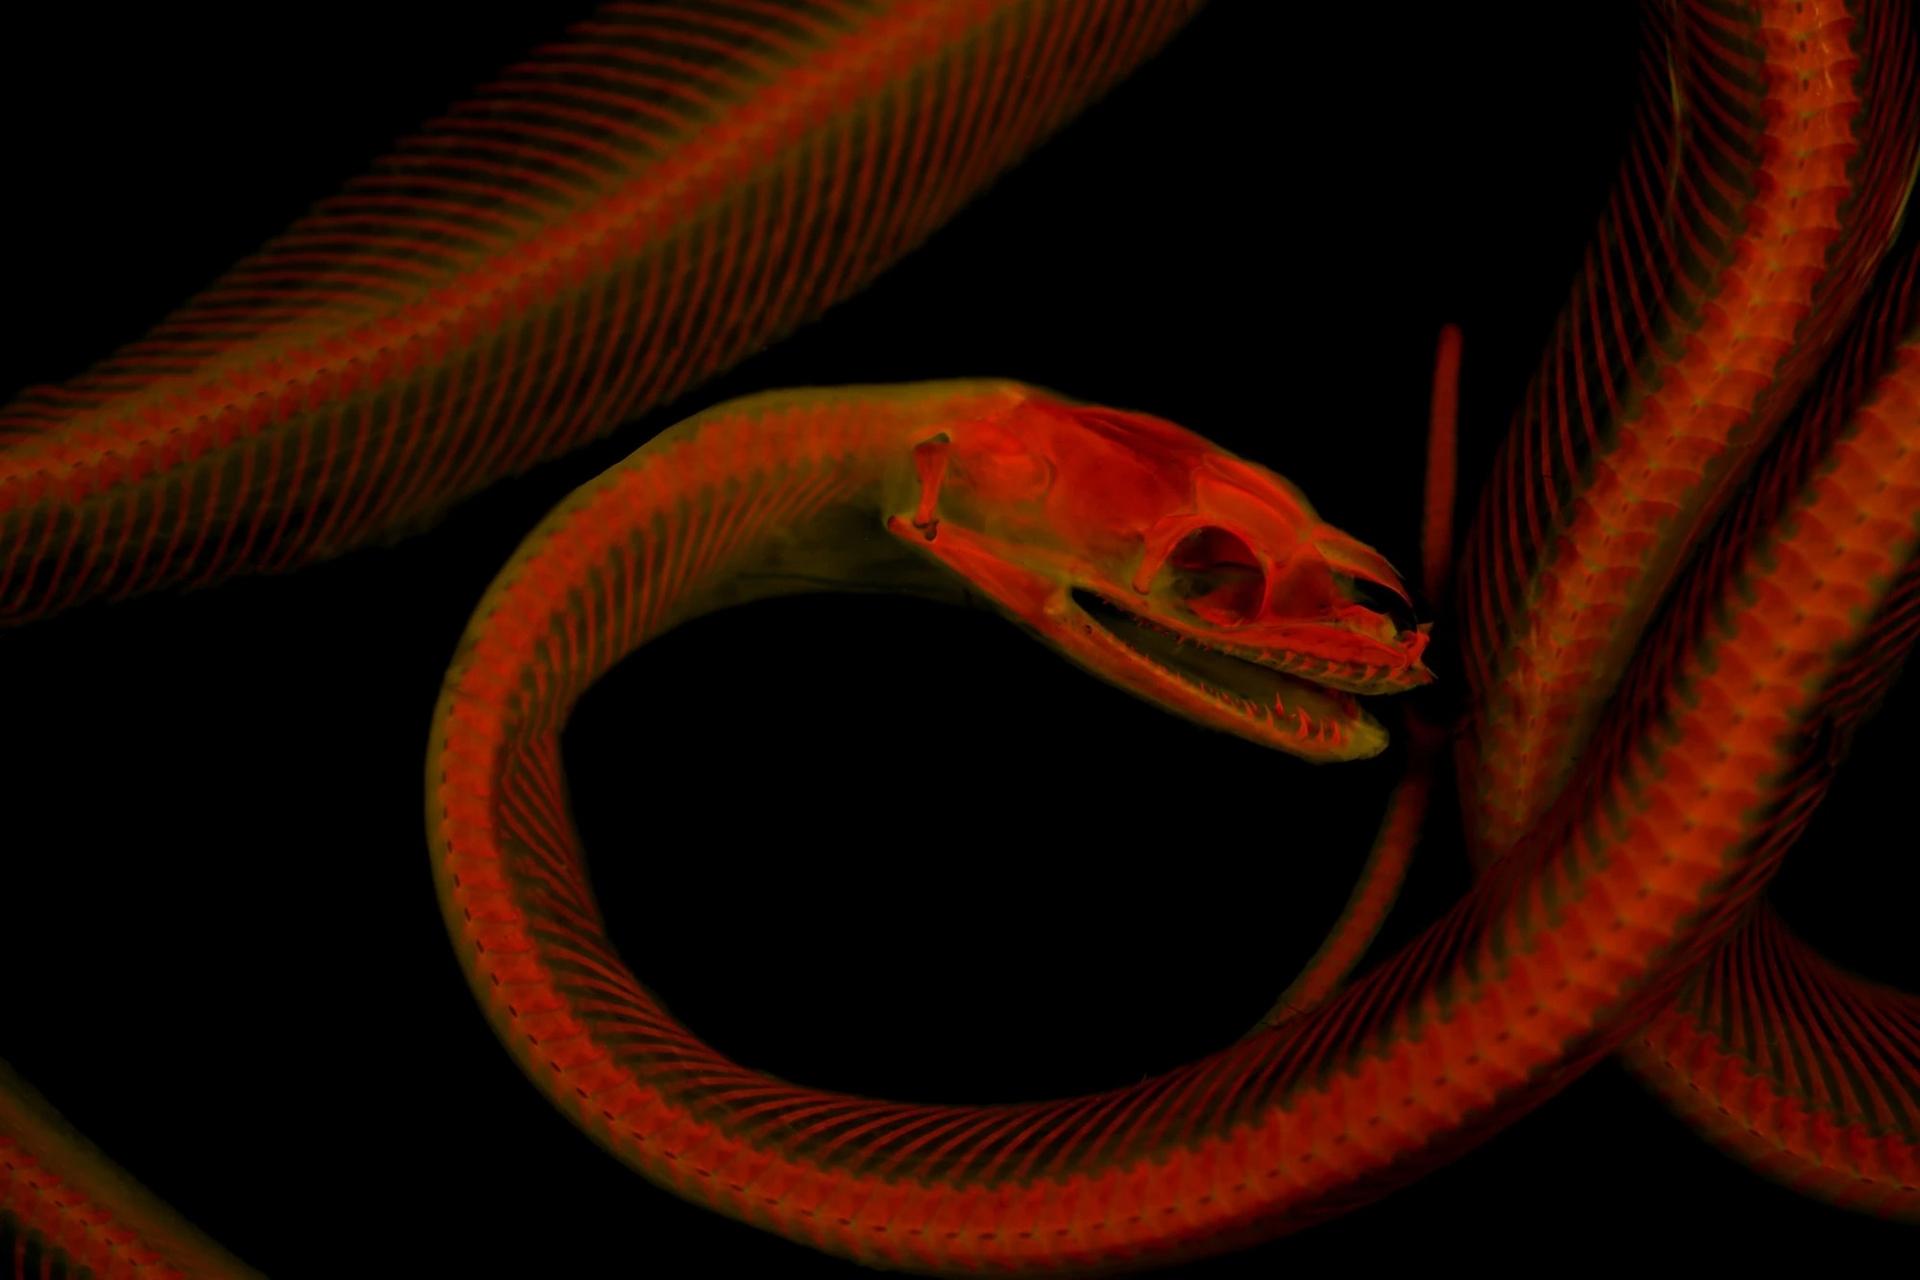 許多如馬氏岩蟒(Macklot's python)這樣的骨架,要是沒有墊個紙巾就可能鬆垮垮的,很難出特定姿勢。但明膠可以將這些骨架固定住,還能在攝影後清洗乾淨。 PHOTOGRAPH BY MATTHEW GIRARD, UNIVERSITY OF KANSAS